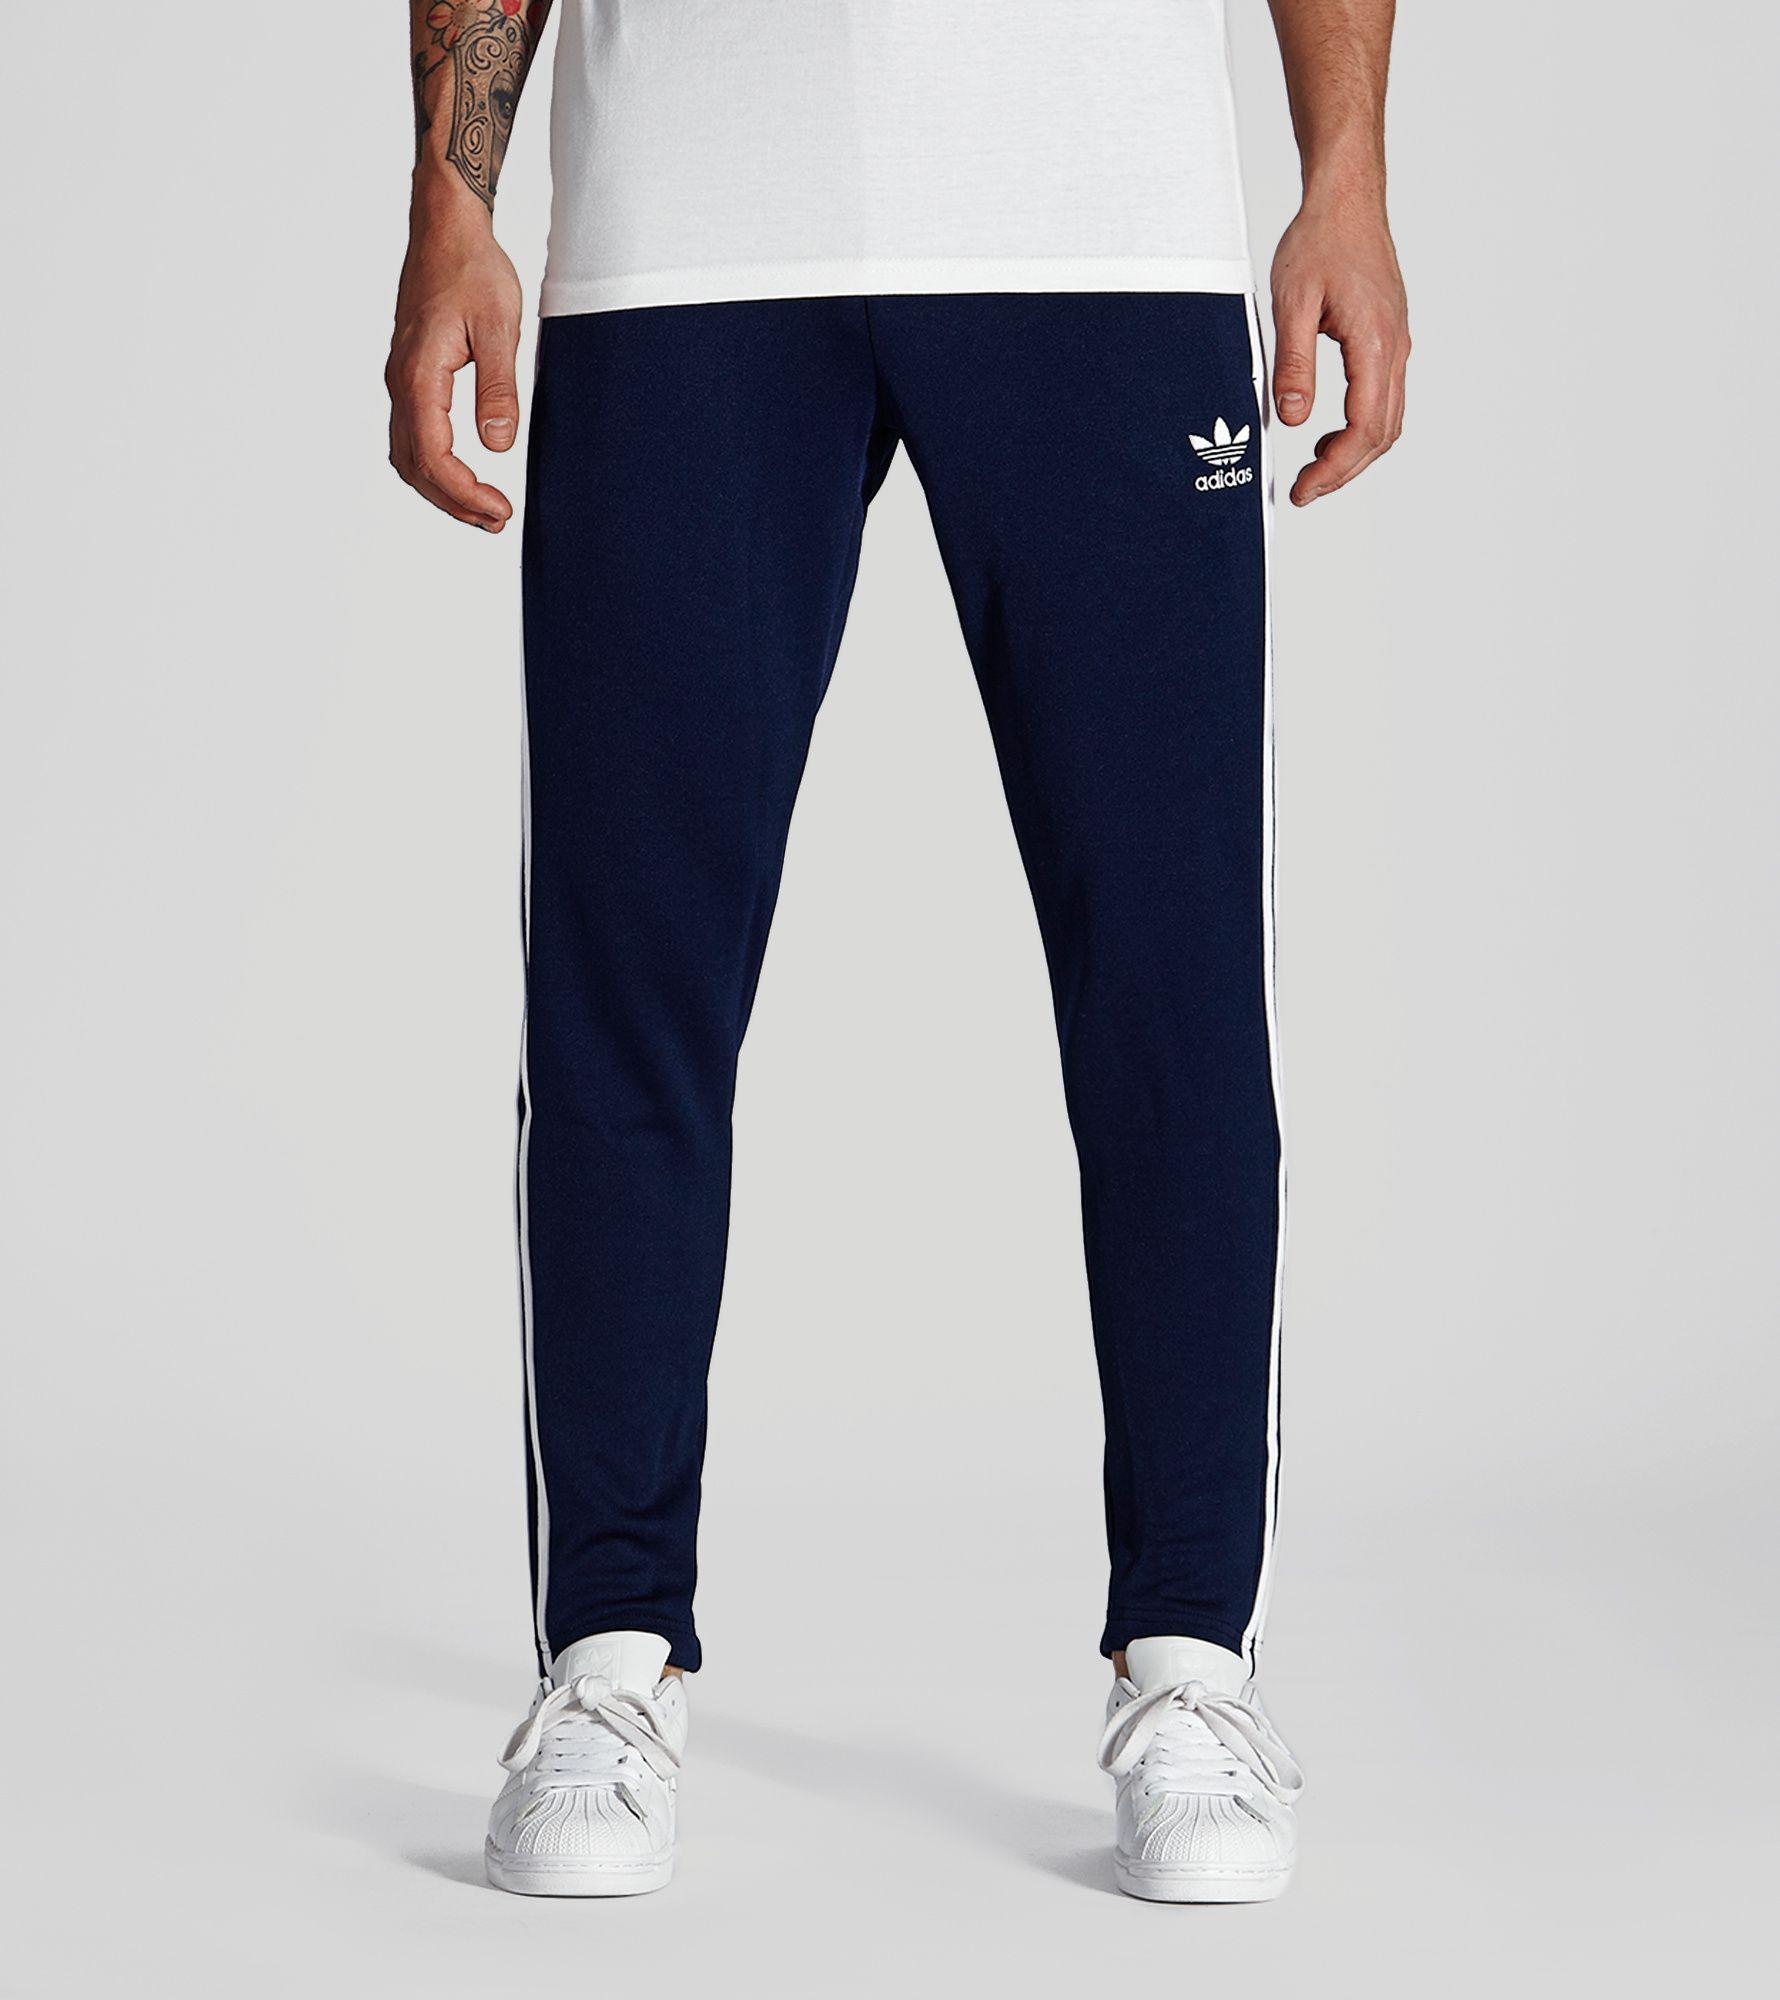 dd2bd153cf2d adidas Originals Superstar Taper Track Pants